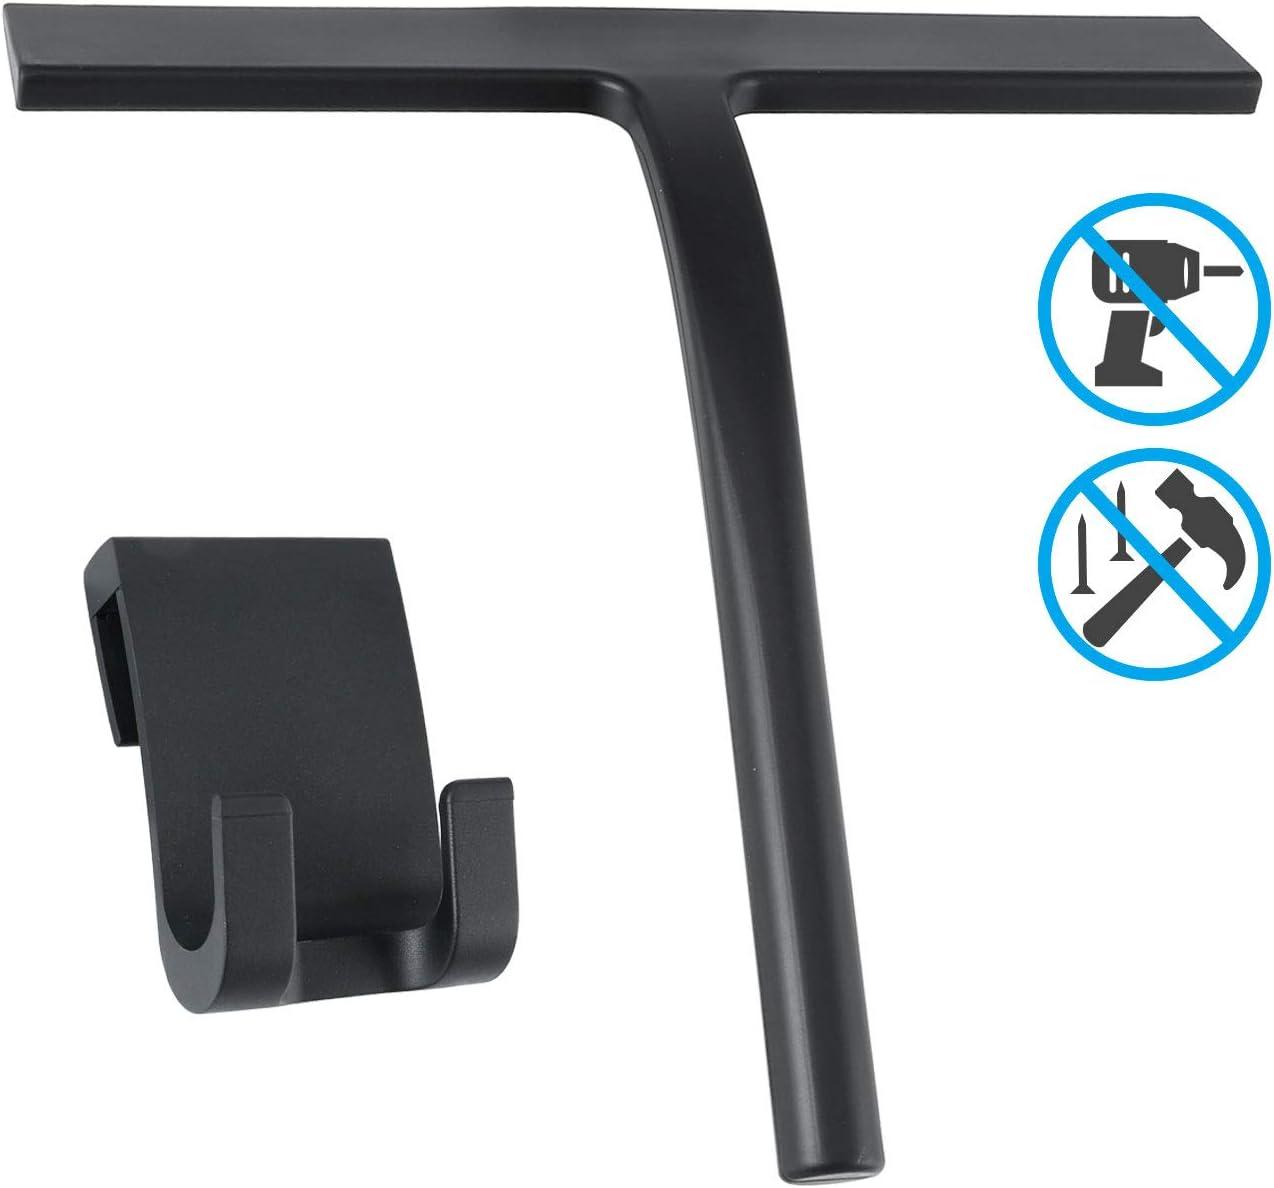 Escobilla de ducha Limpiador de silicona negra con núcleo con gancho para colgar para baño, cocina, espejo, ventana, limpieza de cristales de coche (sin necesidad de instalar): Amazon.es: Hogar